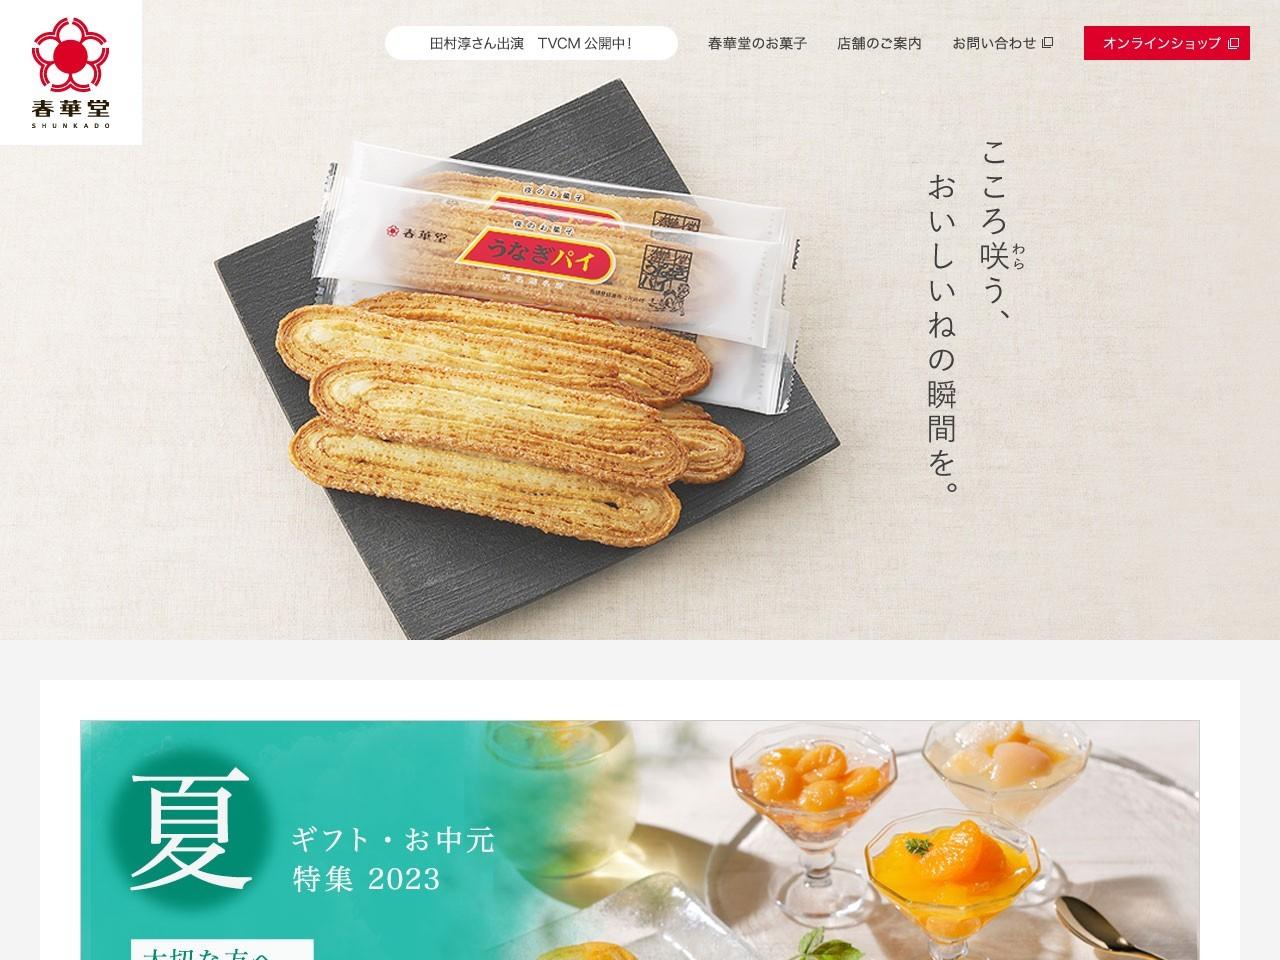 有限会社春華堂/本店